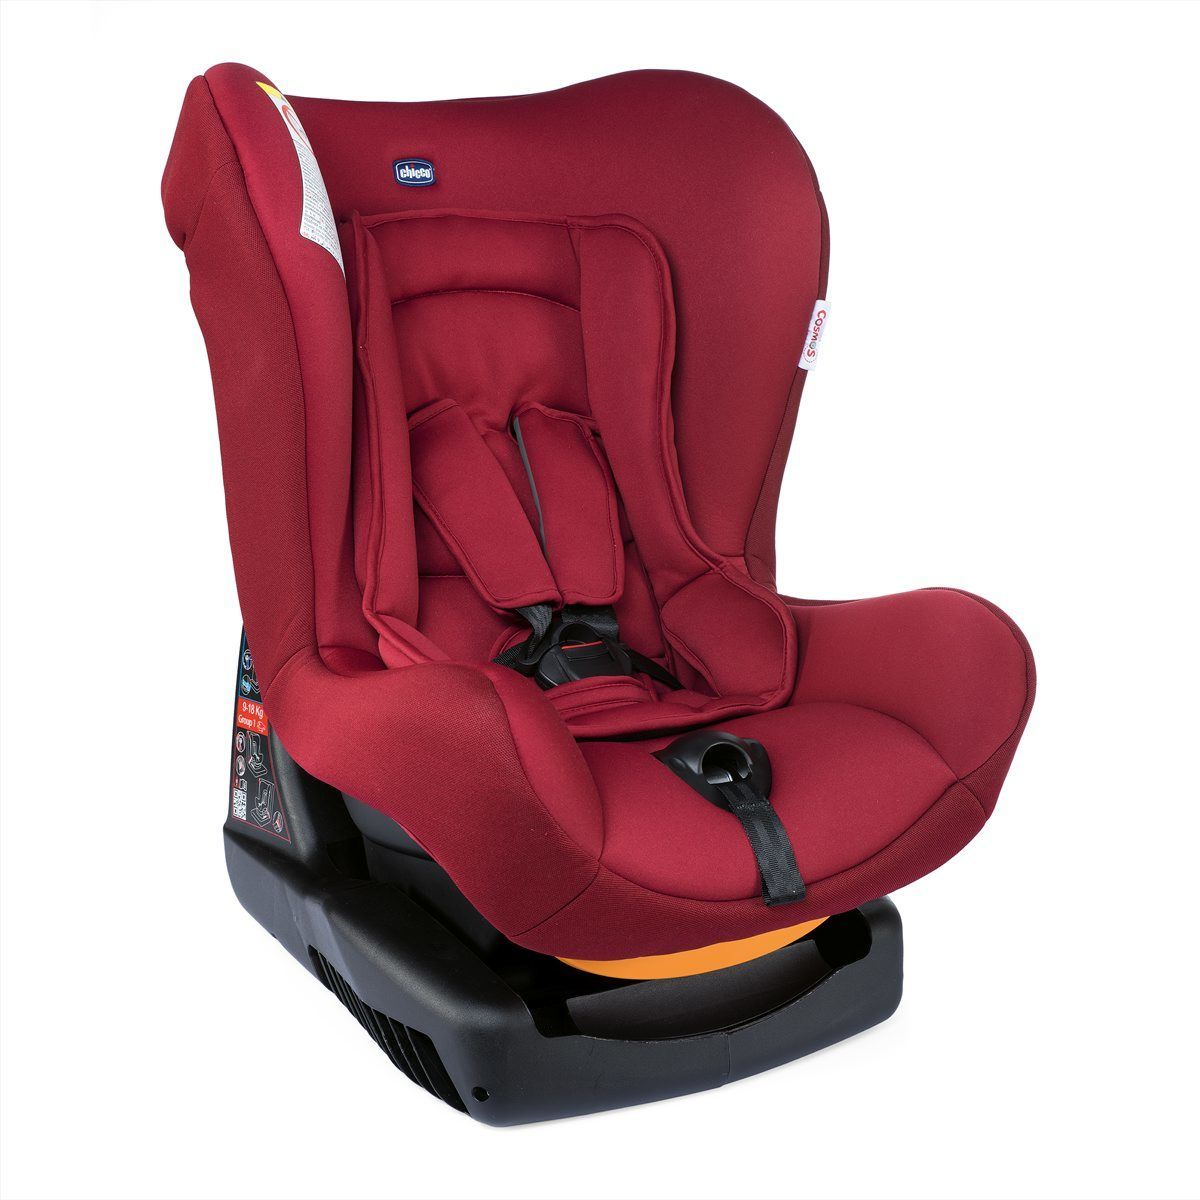 Rent car seat Brindisi